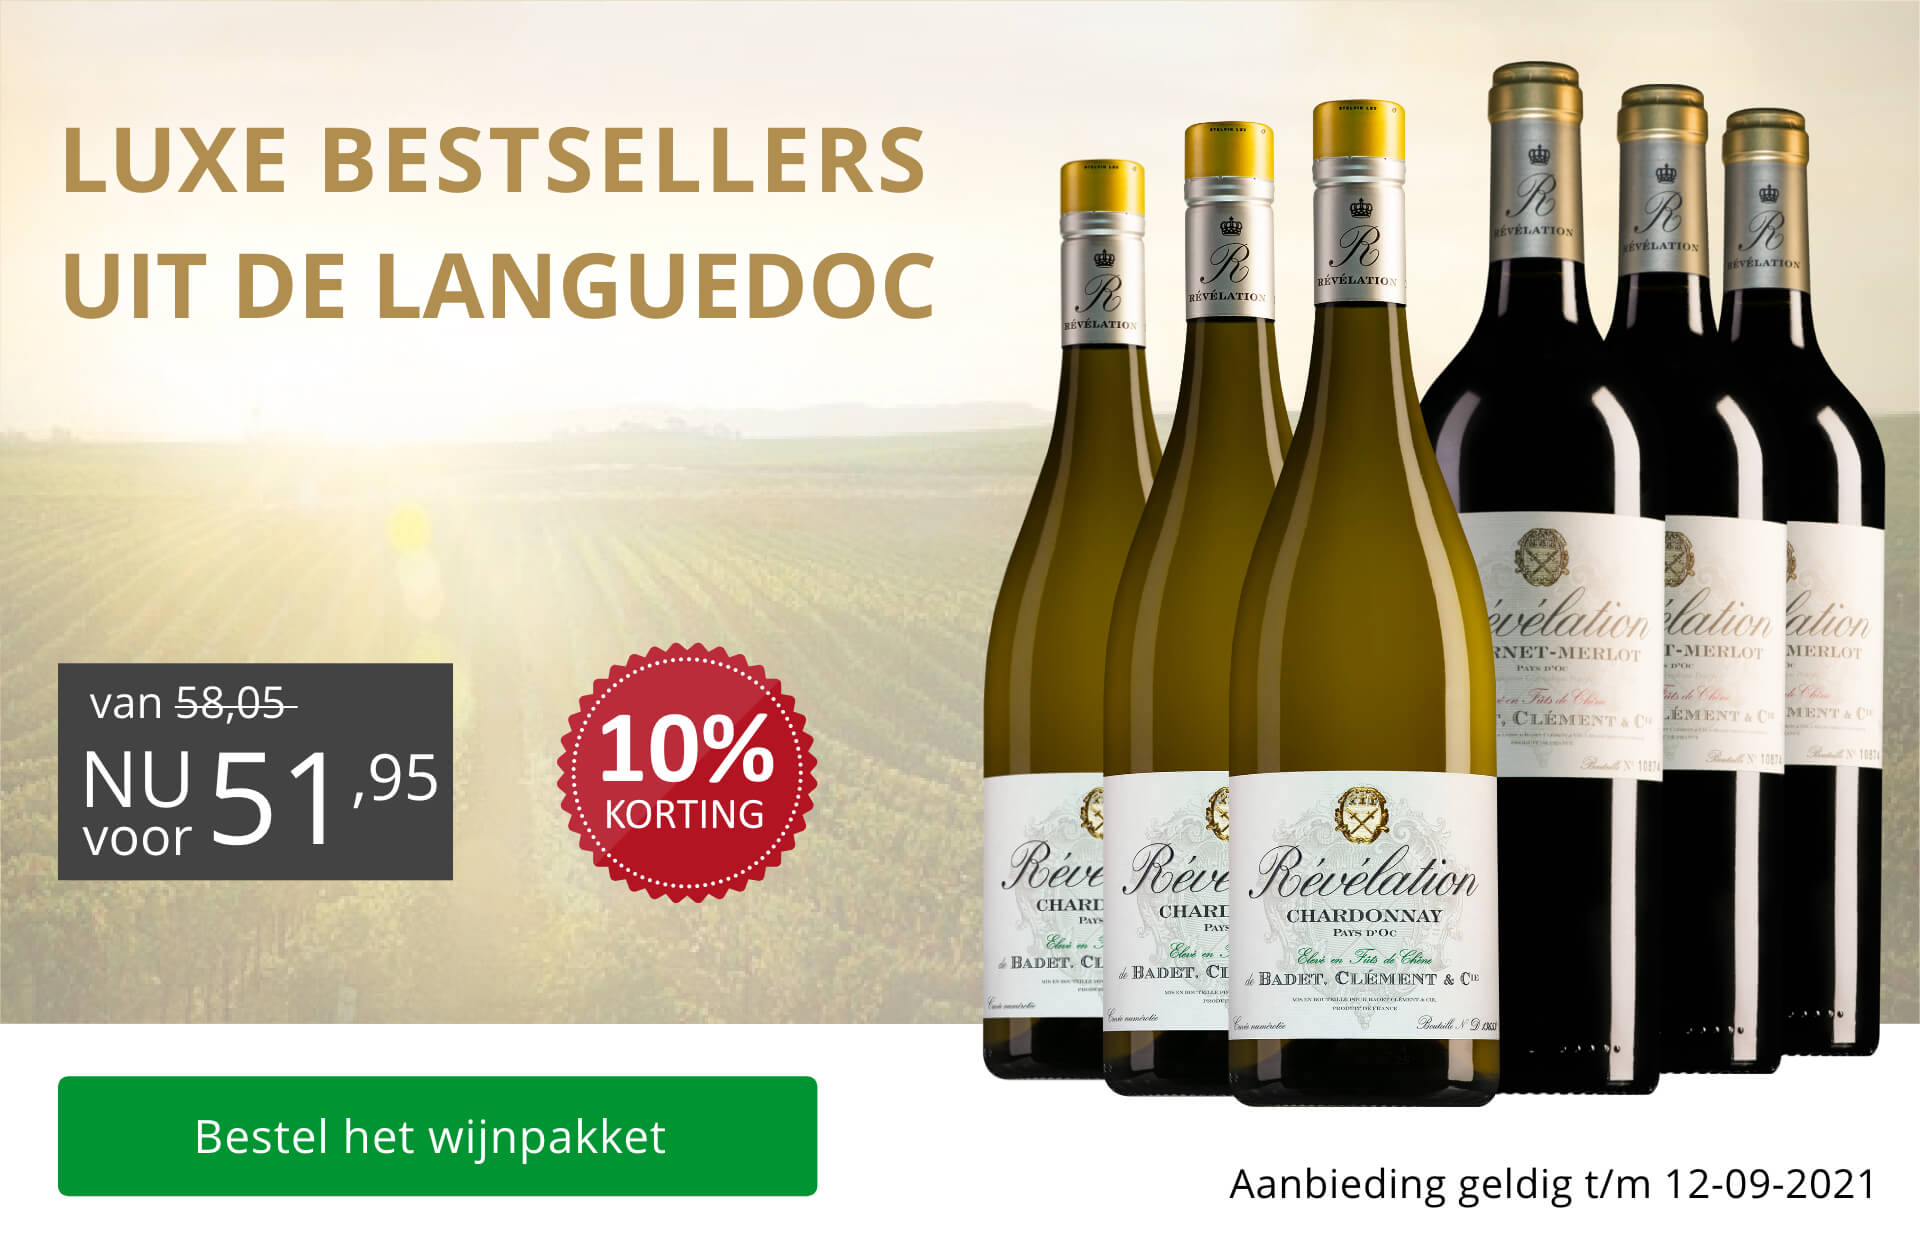 Wijnpakket Révélation - aug/sept 2021 (51,95)